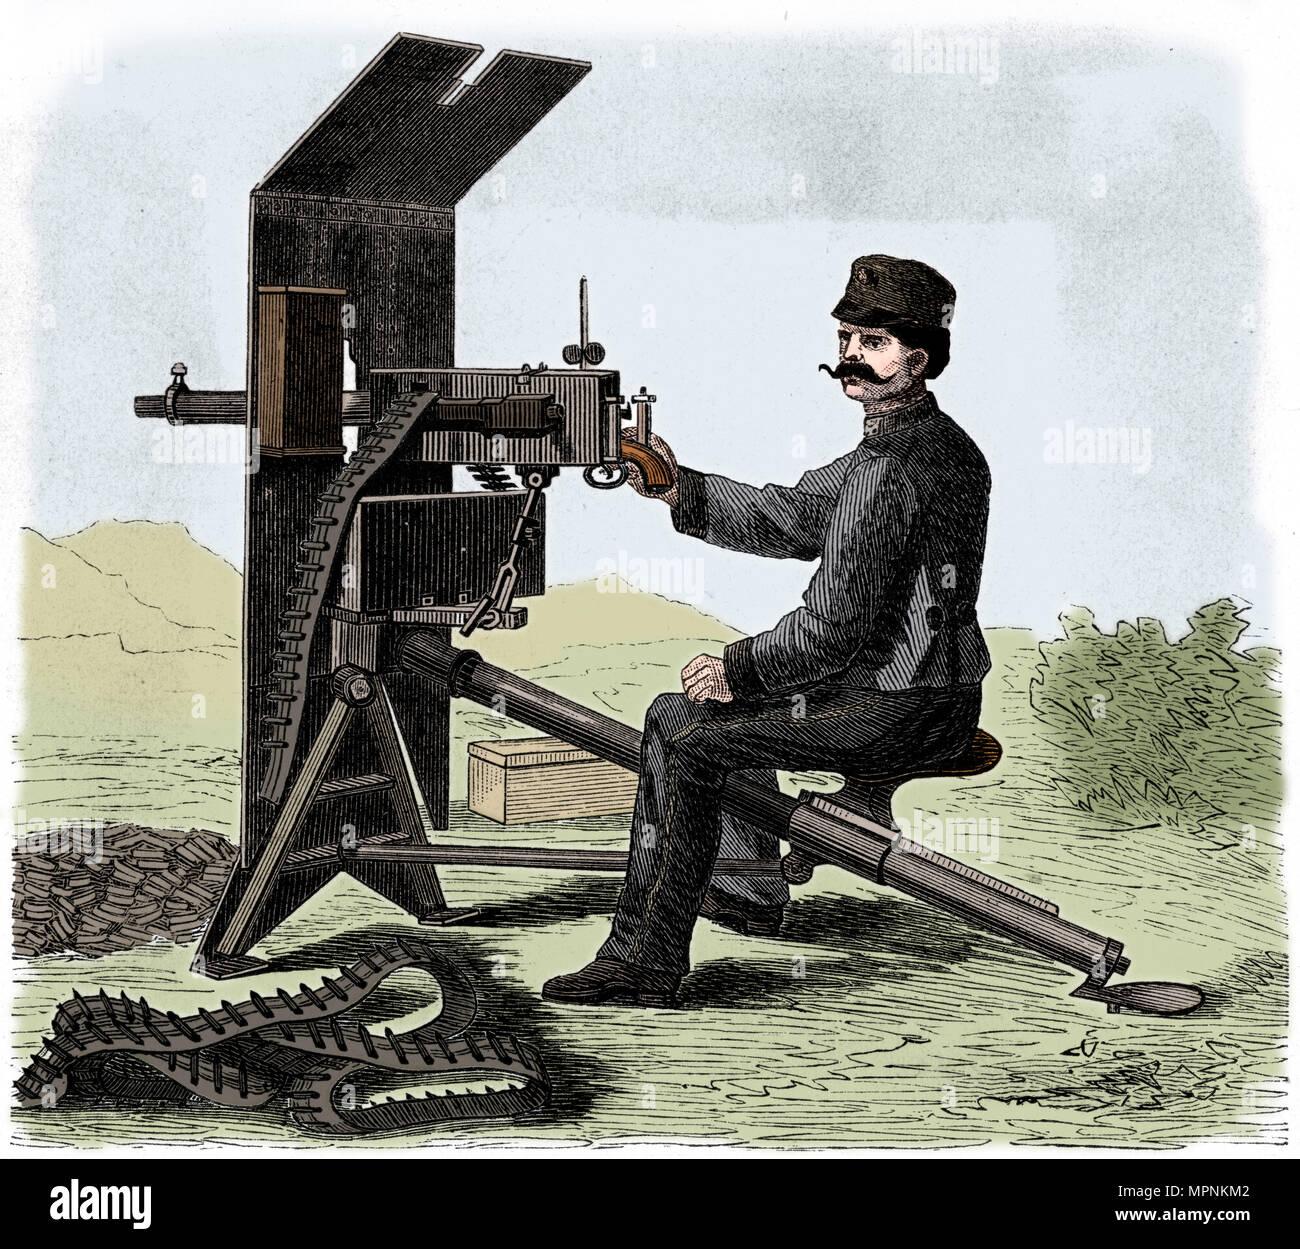 Maxim machine gun, c1895.   Artist: Anon. - Stock Image